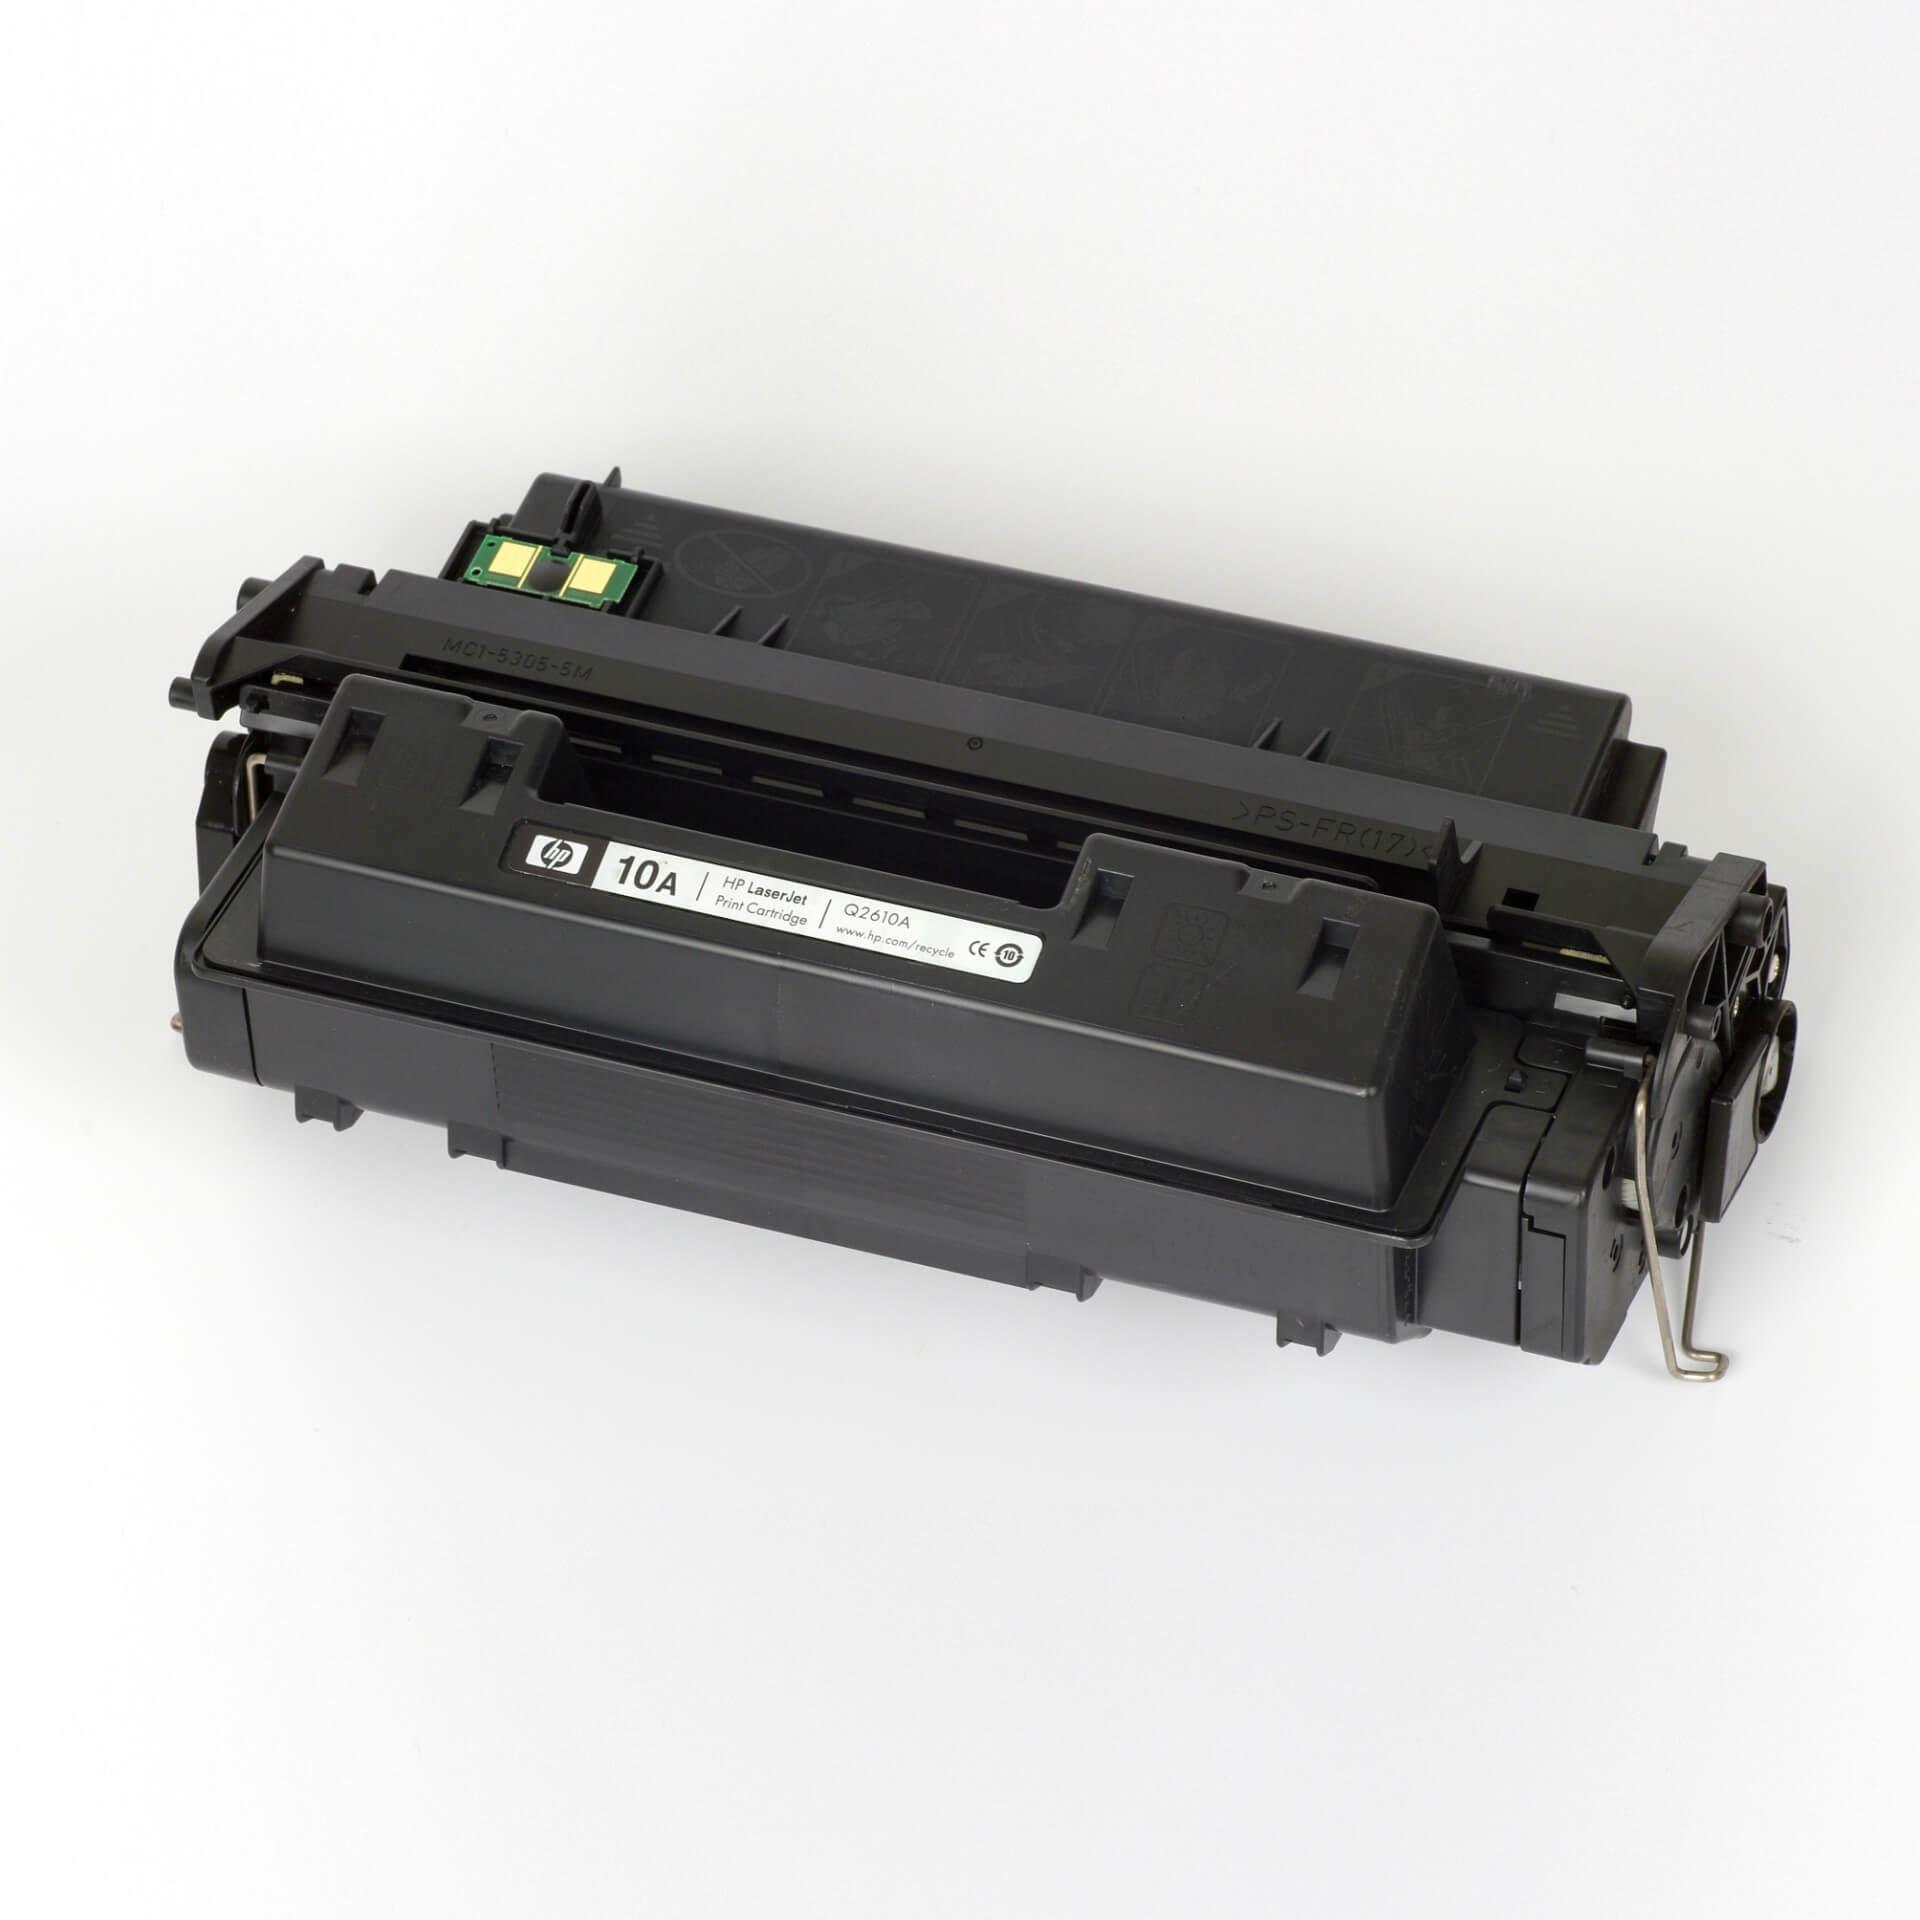 Auf dem Bild sehen Sie eine HP 10A (Q2610A) Schwarz Original Tonerkartusche